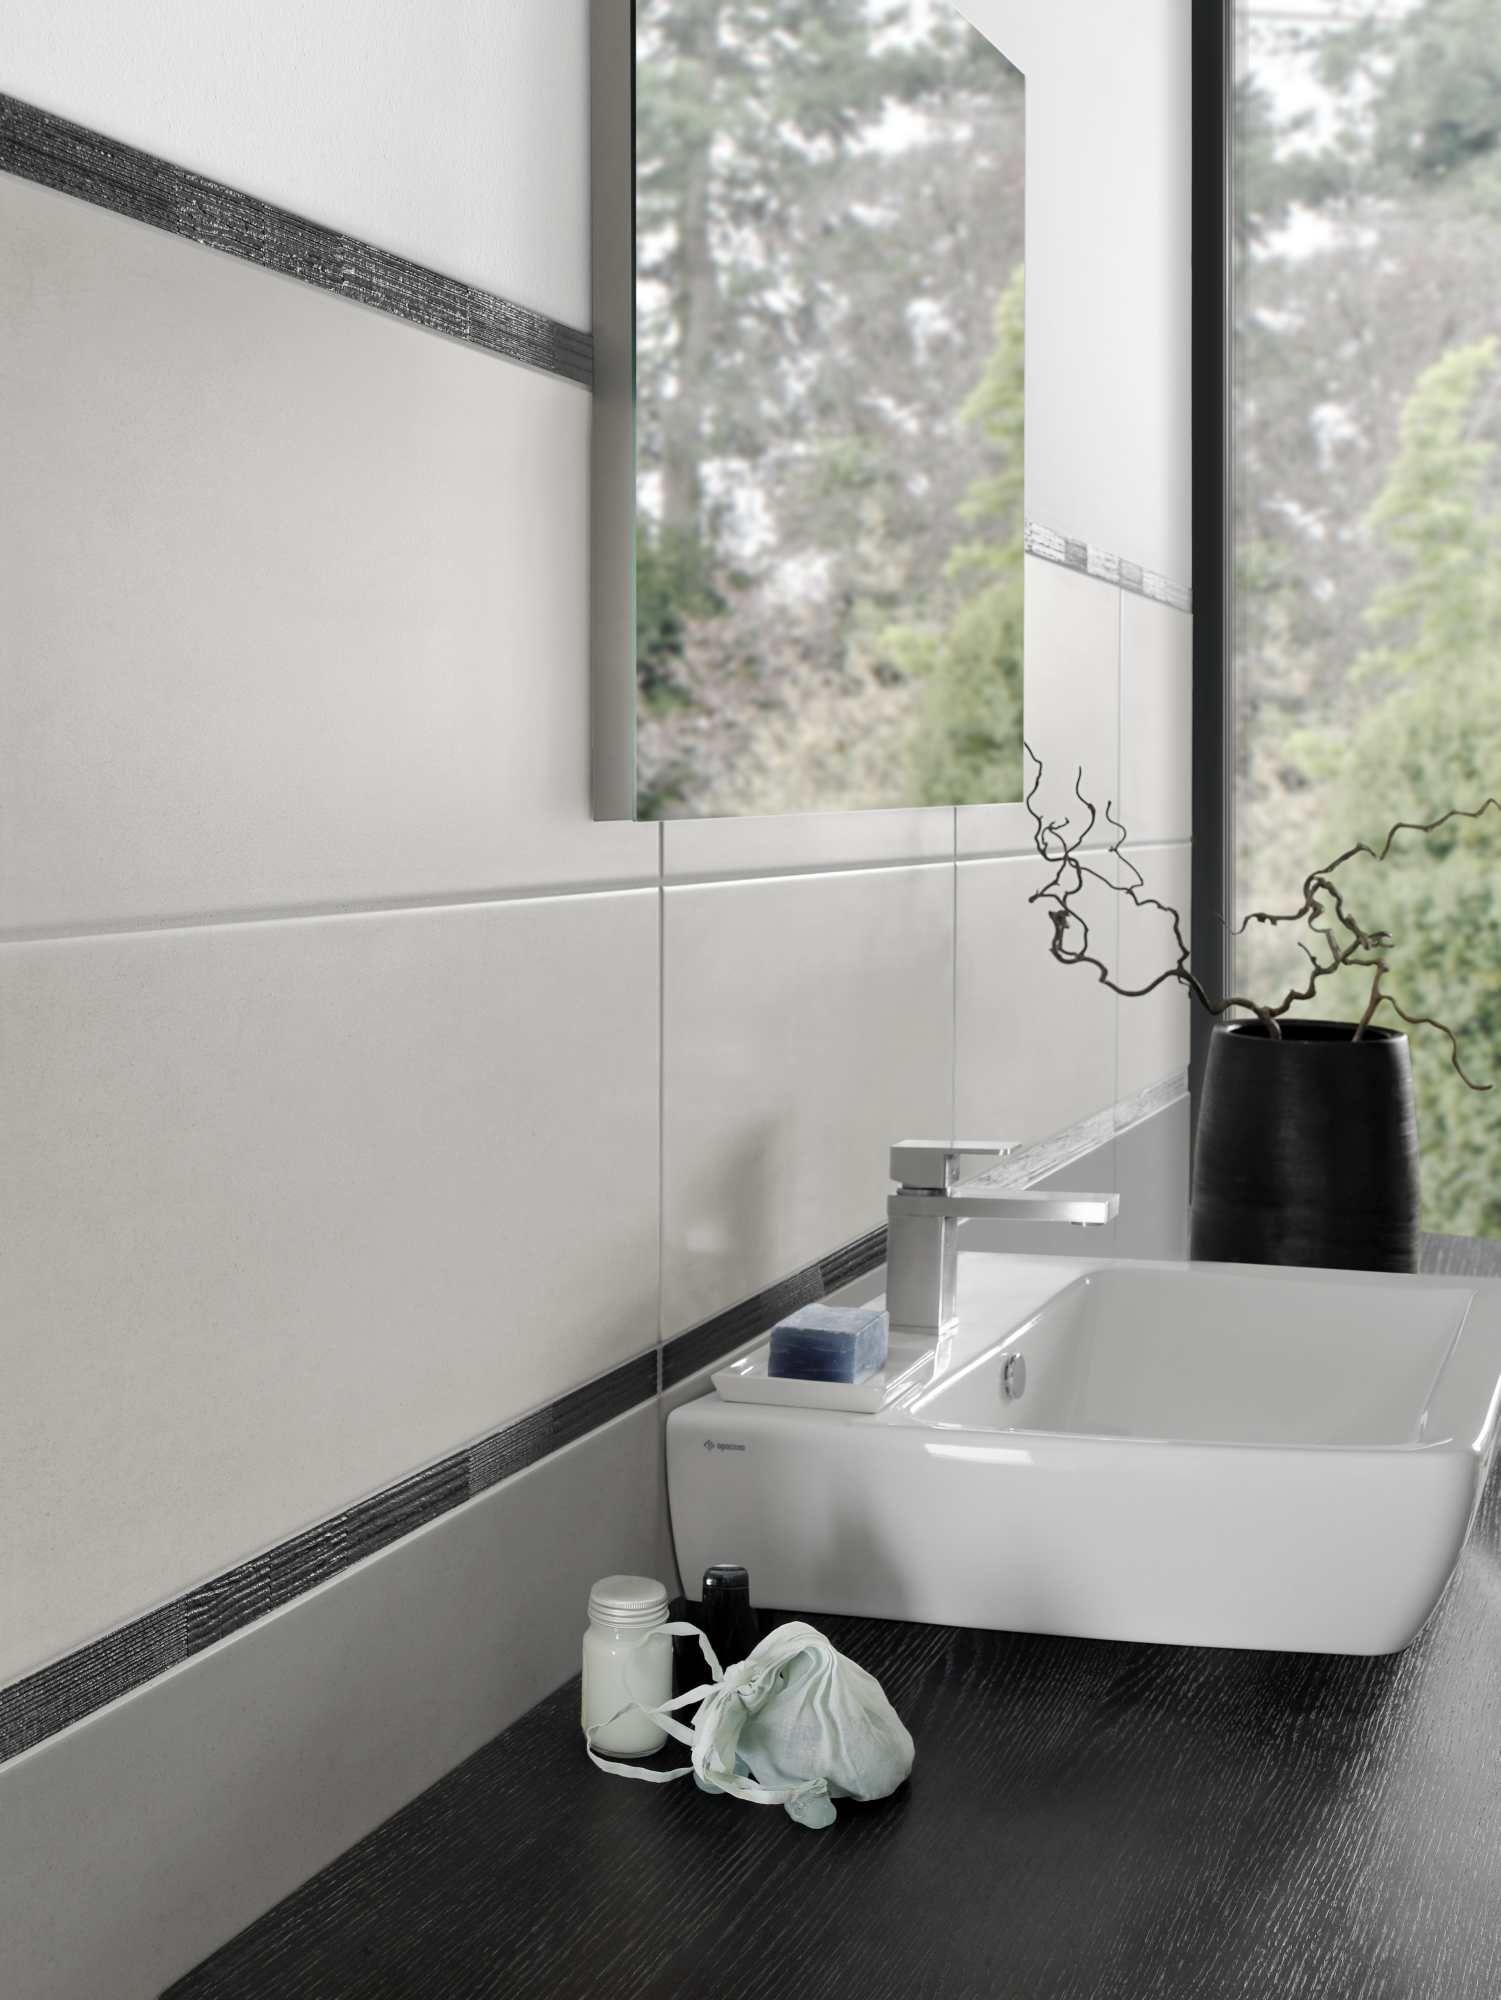 Die Perfekte Fliese Fur S Bad Ist Schon Lange Eine Wichtige Tradition Die Klassiker Sind Schlichte Weisse Wandfliesen B Badezimmer Fliesen Fliesen Badezimmer